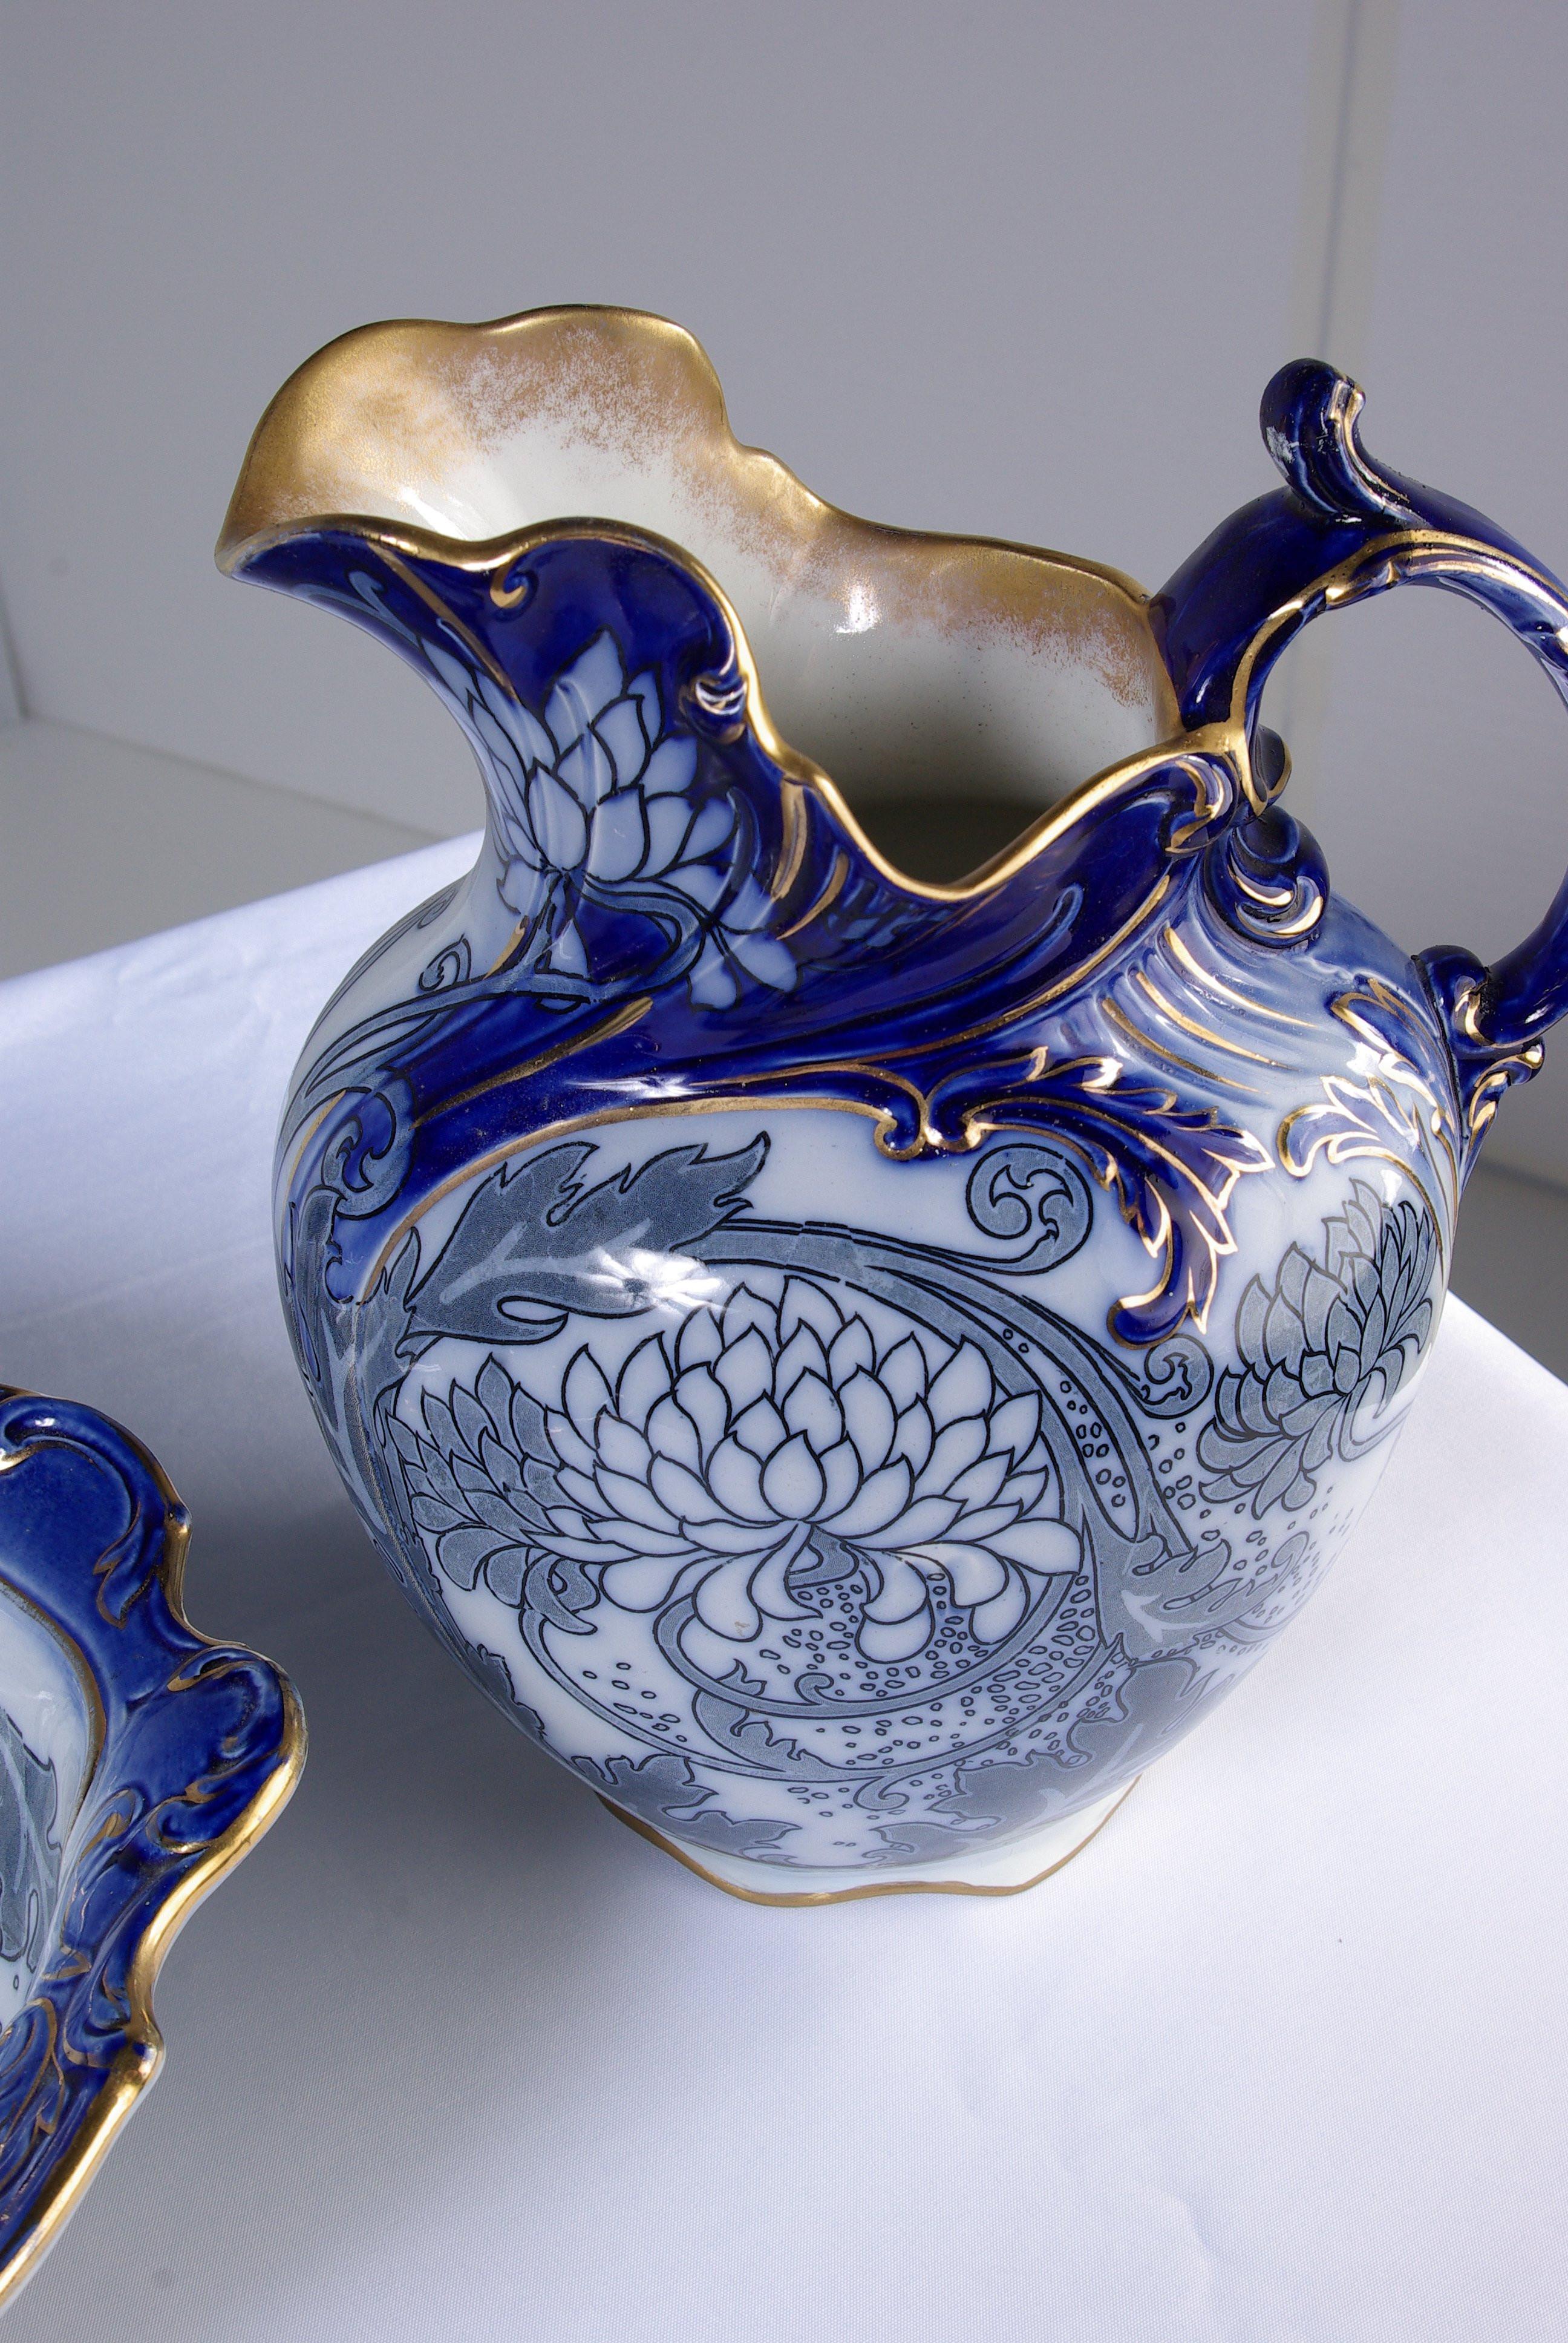 white ceramic pitcher vase of antique four piece royal doulton floral blue pitcher wash basin throughout antique four piece royal doulton floral blue pitcher wash basin jug and mug at 1stdibs